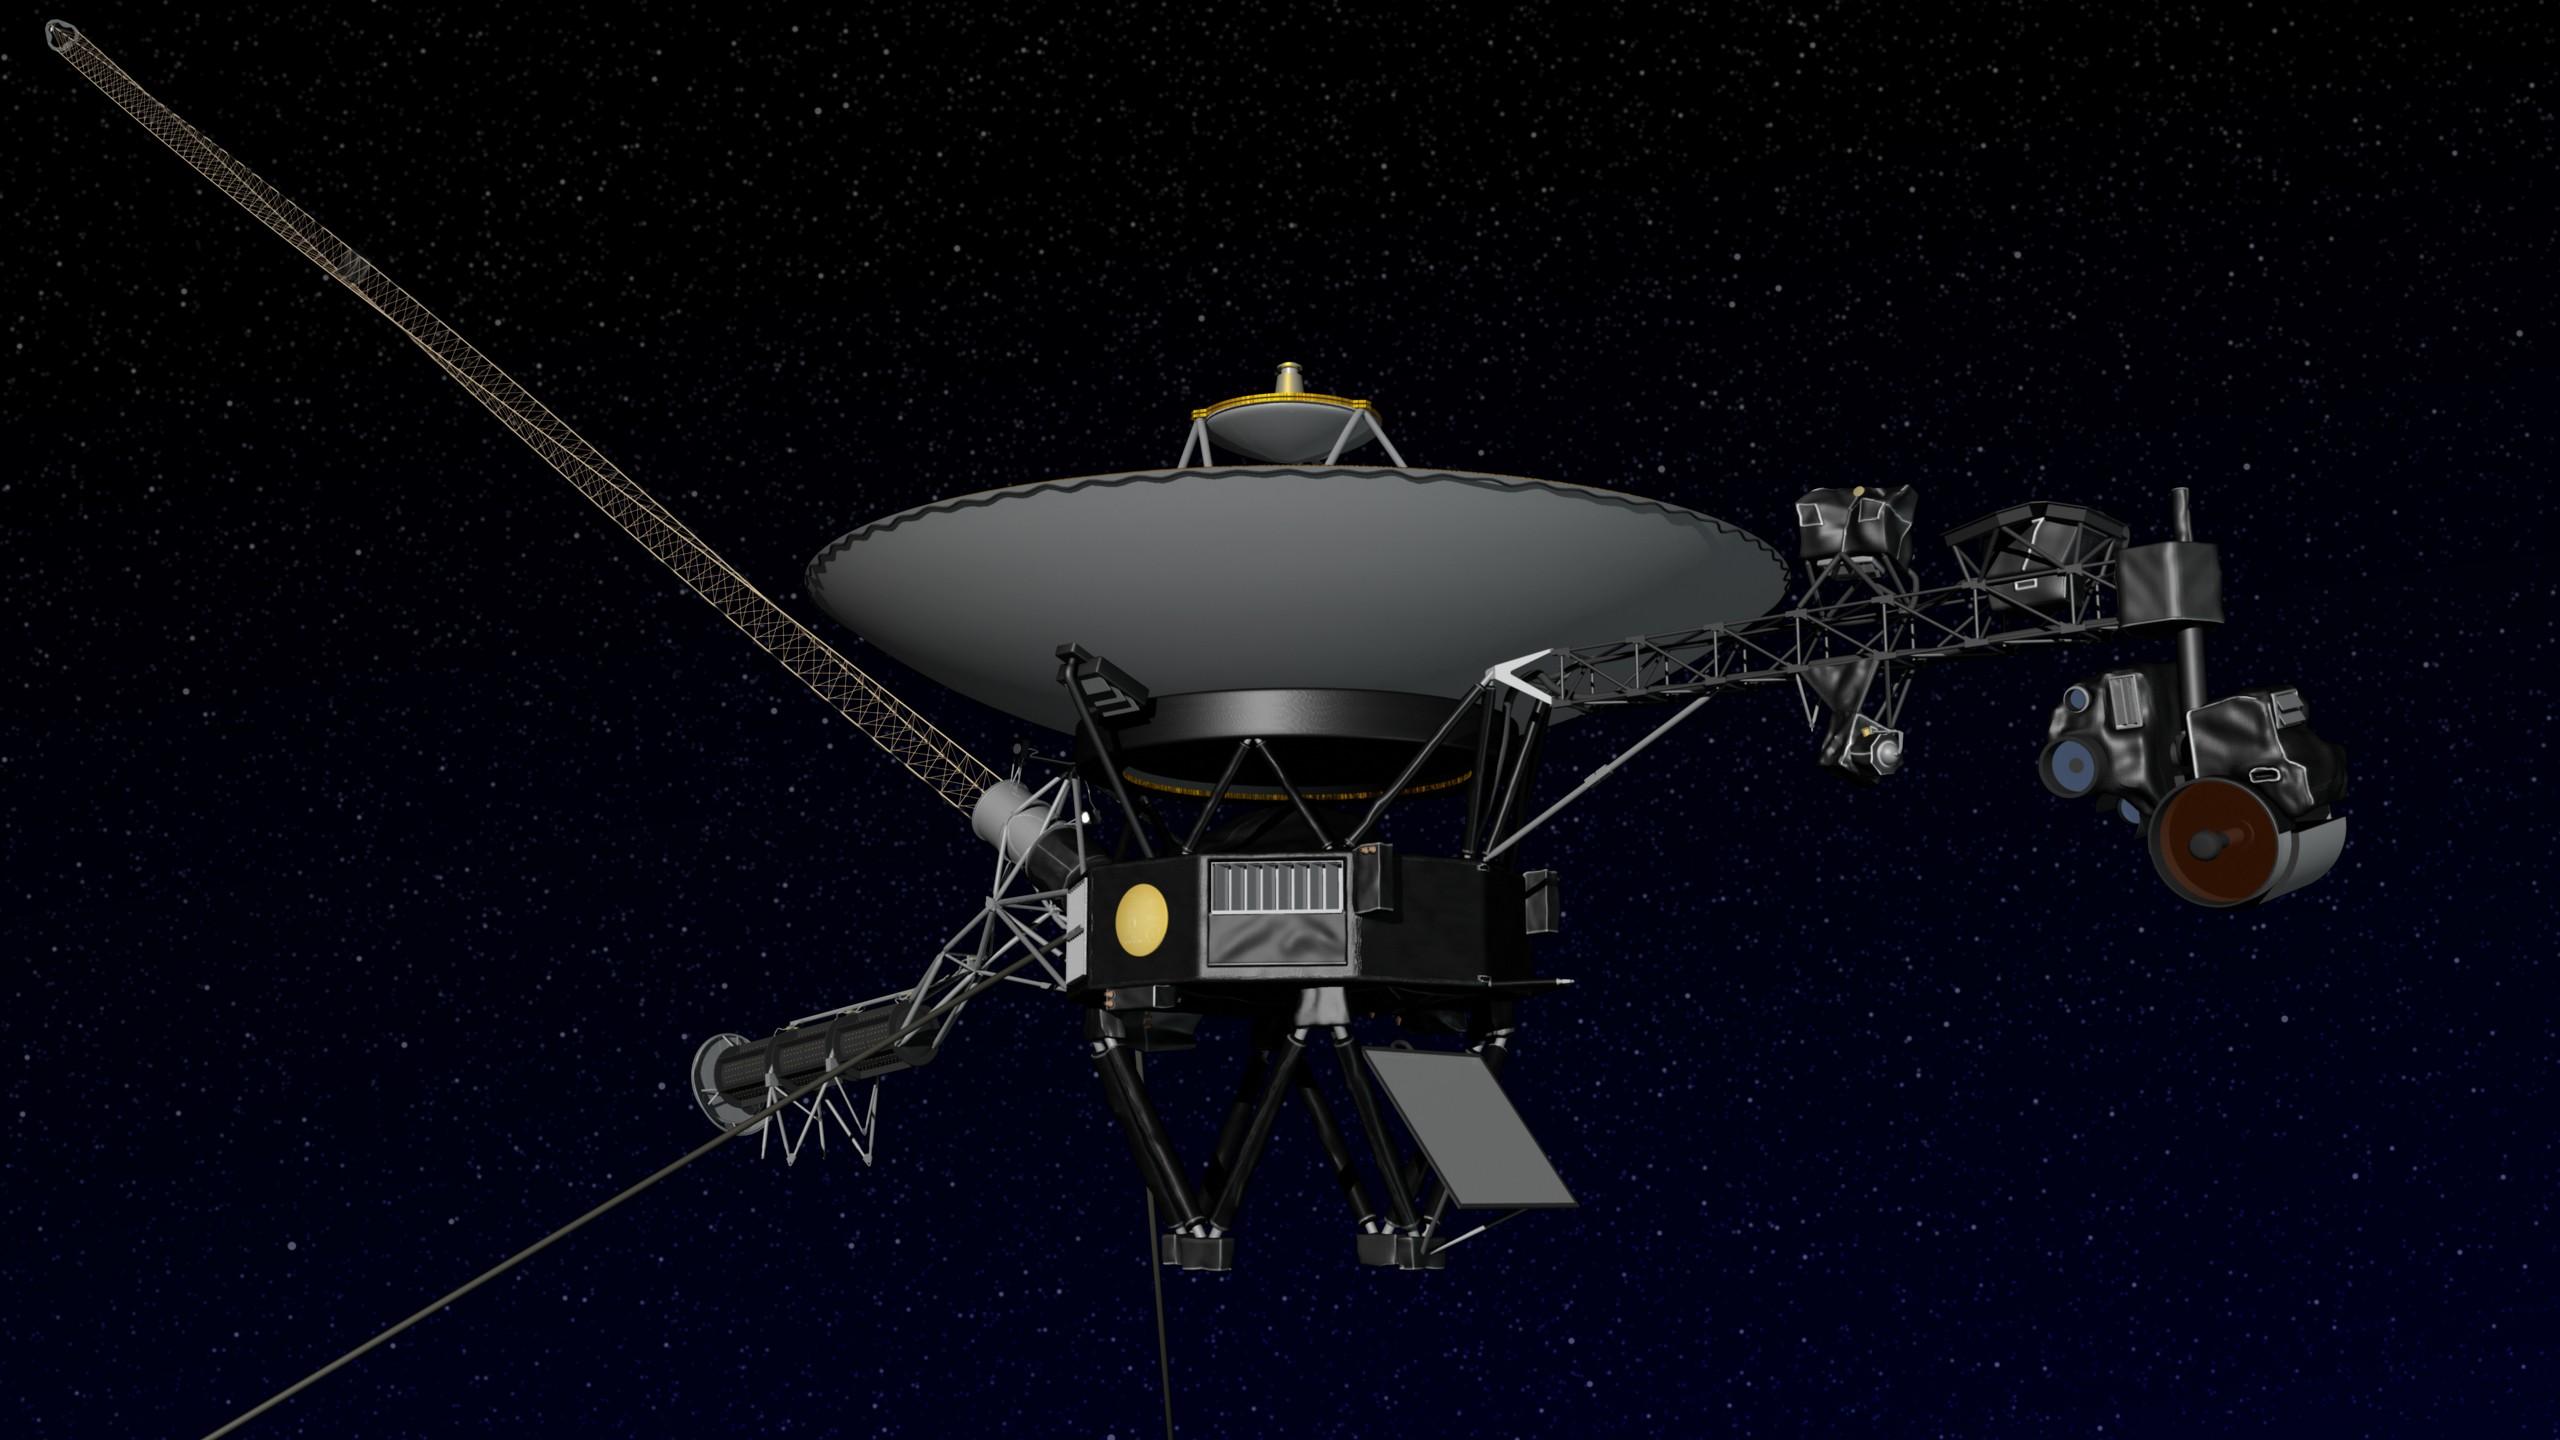 Imagem ilustrativa da sonda Voyager 2 (Foto: Nasa/ Reprodução)